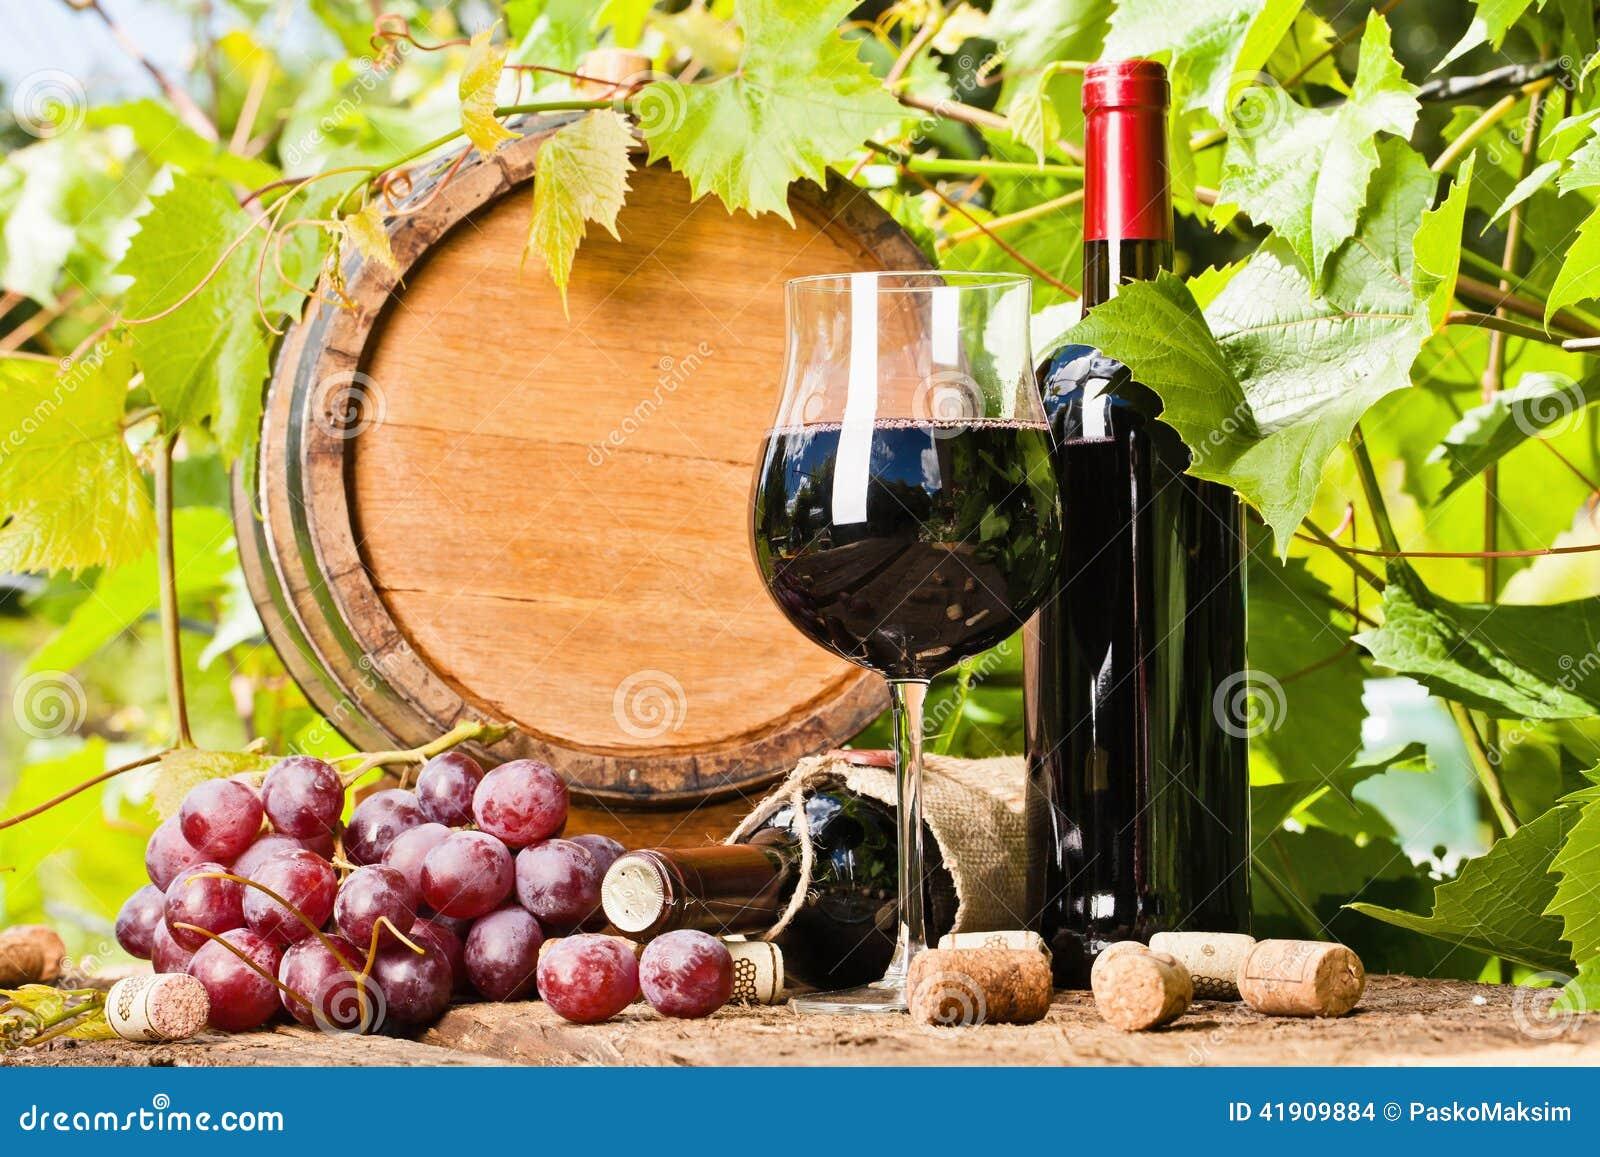 Vinho, uvas e composição da vinha